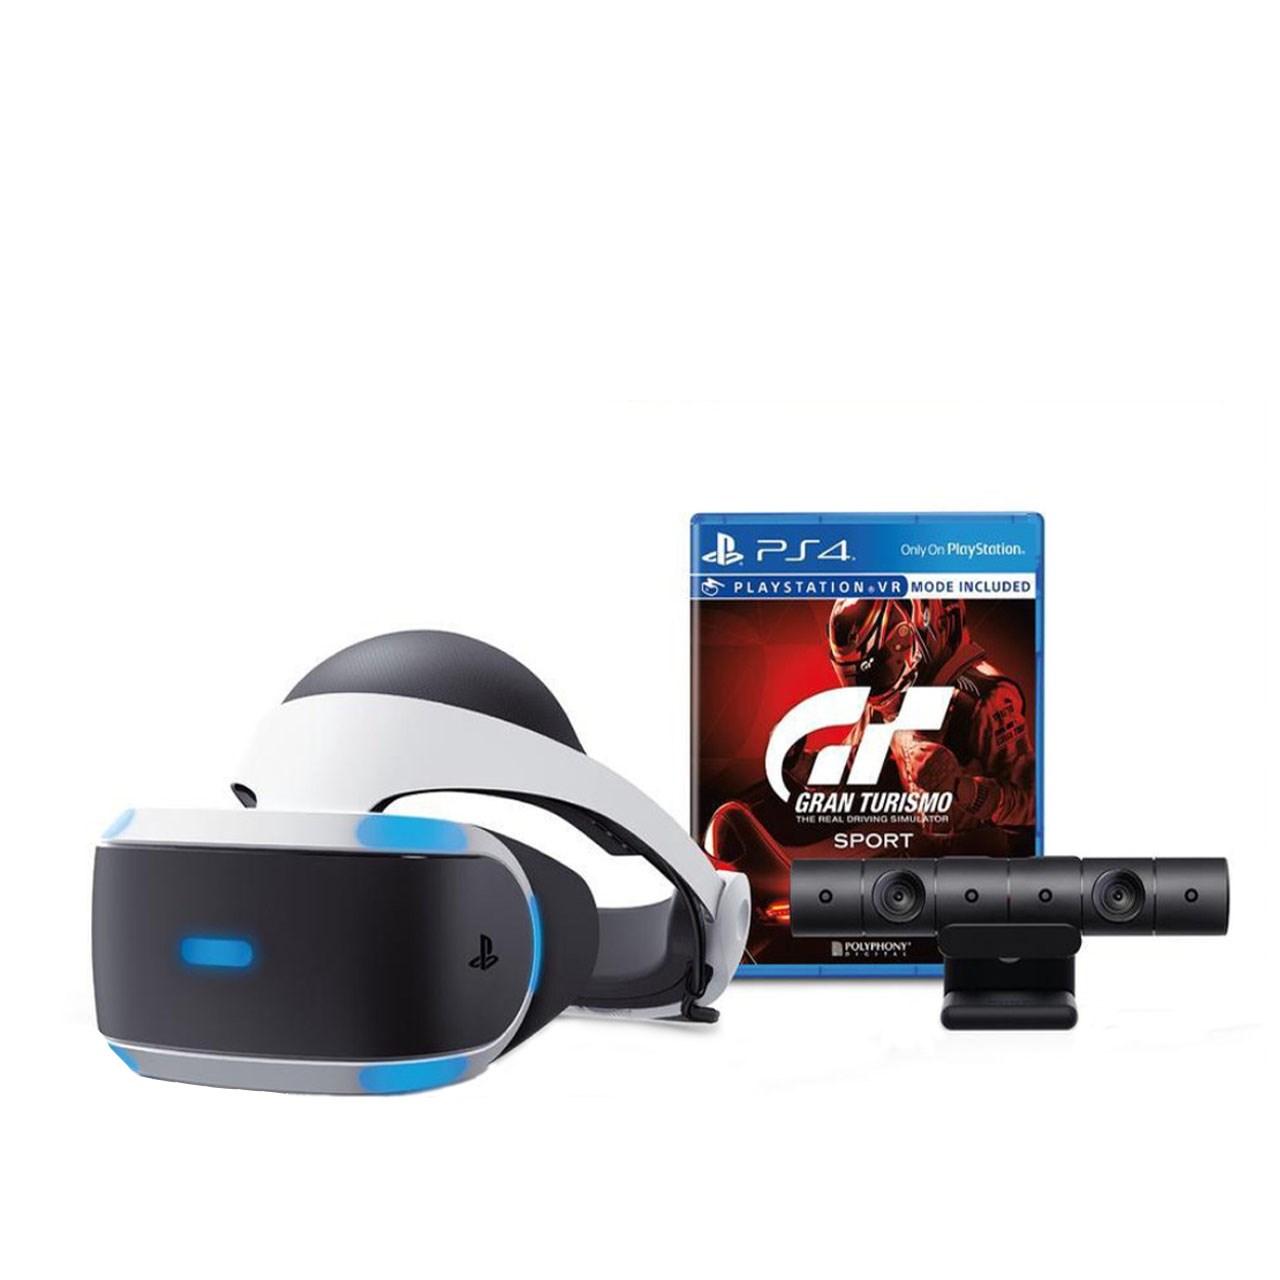 عکس مجموعه عینک واقعیت مجازی سونی مدل PlayStation VR به همراه بازی Granturismo